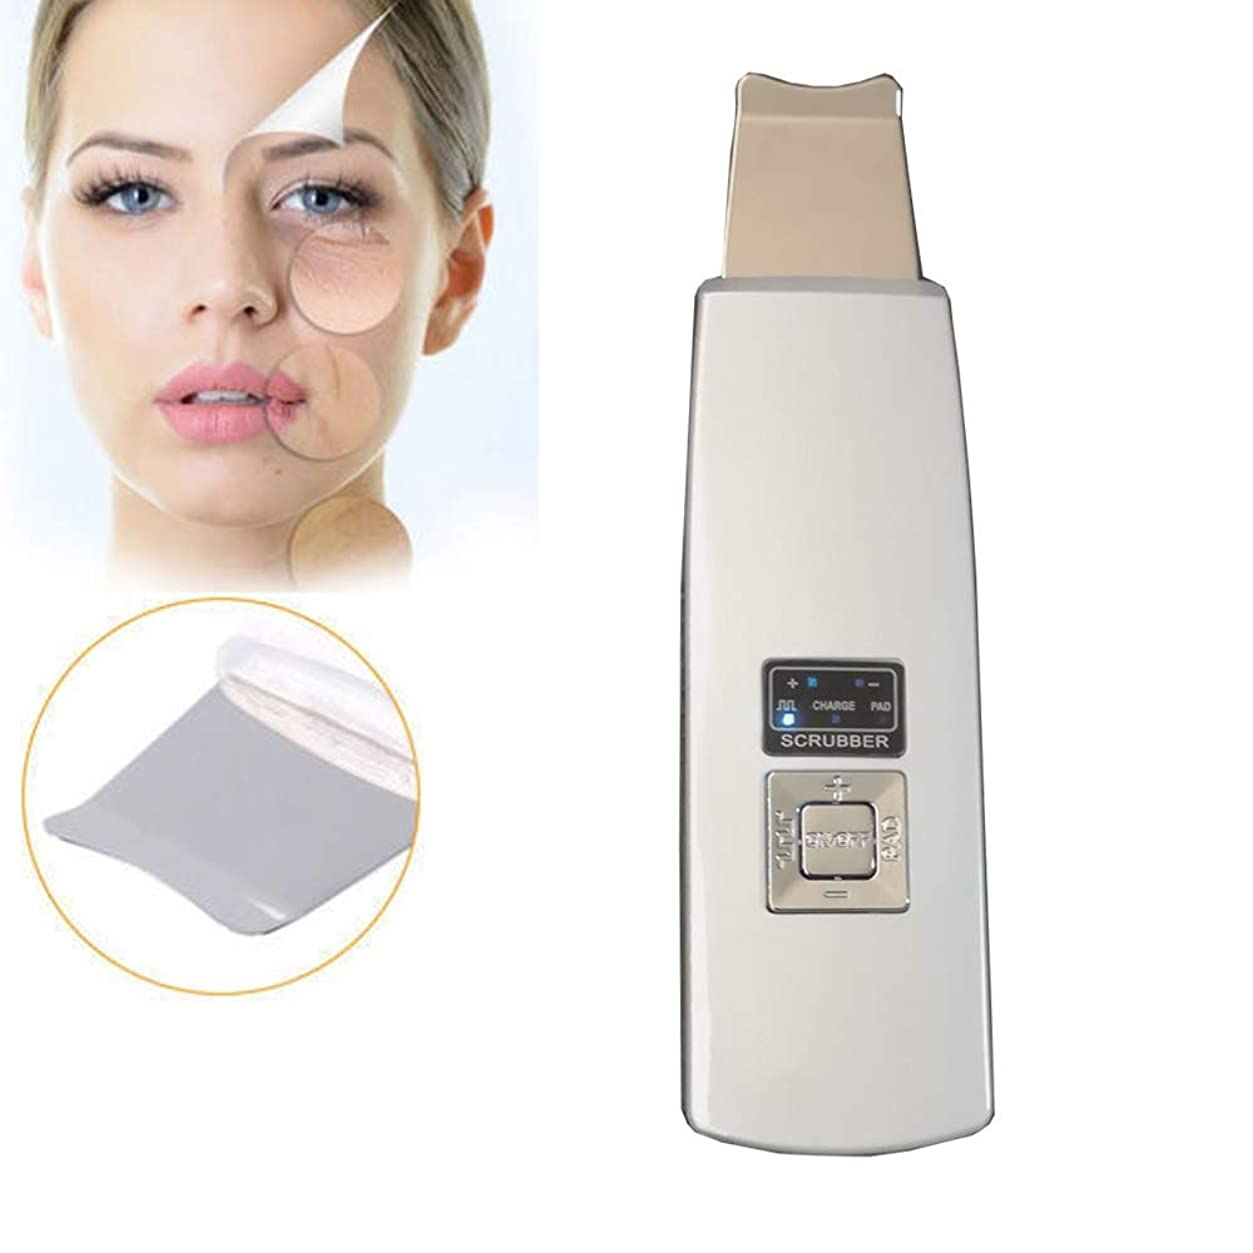 パッケージ正直スクレーパー顔の皮膚のスクラバー、ポータブル?フェイシャル超音波超音波イオンスキンケアスクラバーデバイス美容機は、ブラックヘッド面皰死んだ皮膚の除去を削除する方法